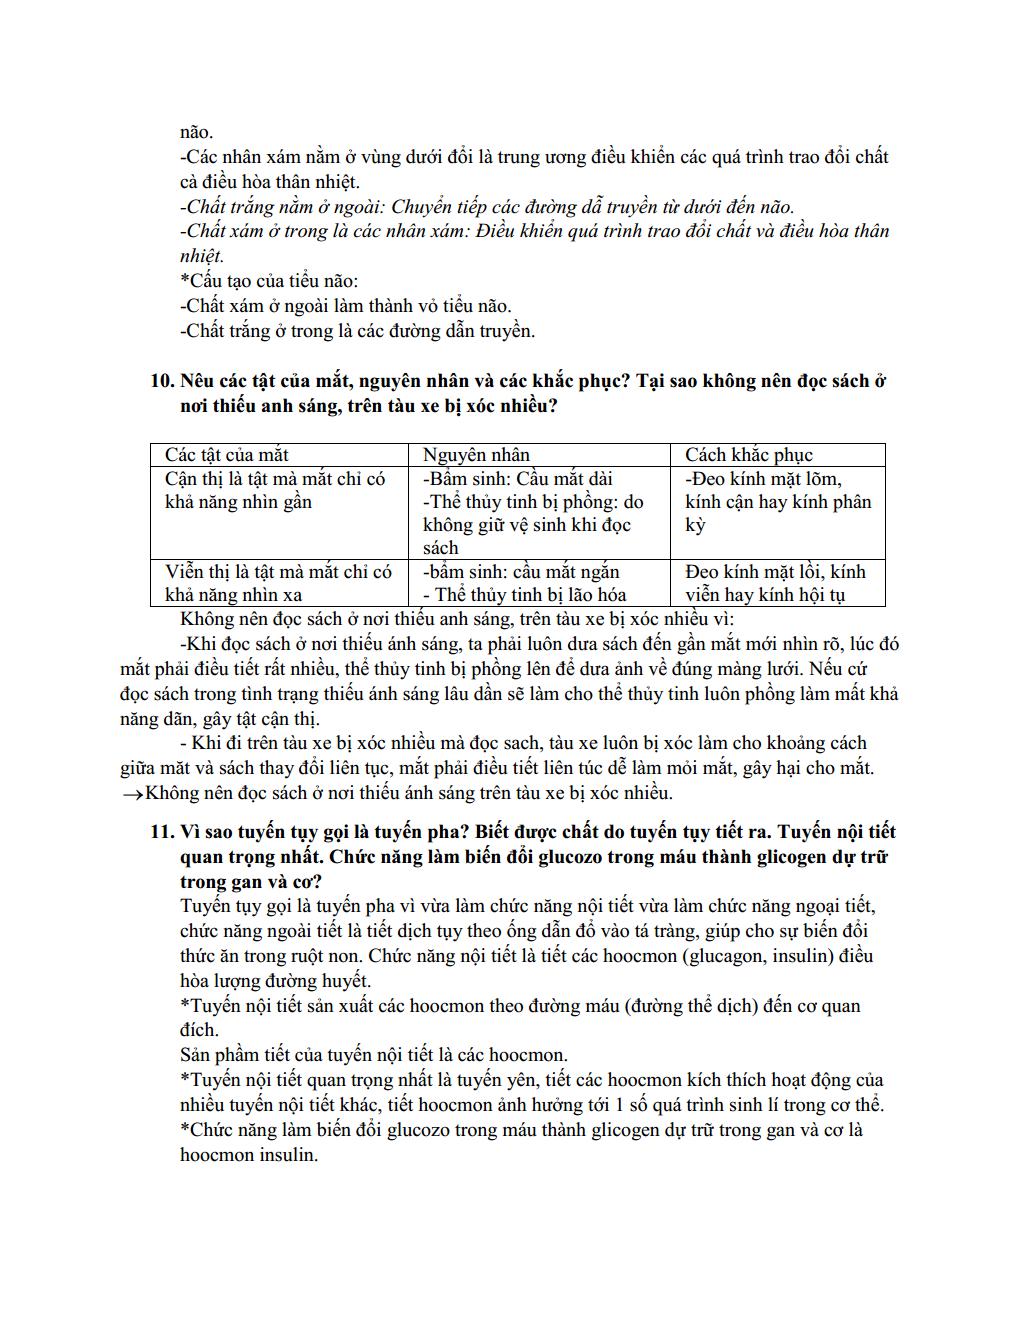 Đề cương ôn tập môn Sinh Học lớp 8 - CÓ LỜI GIẢI CHI TIẾT